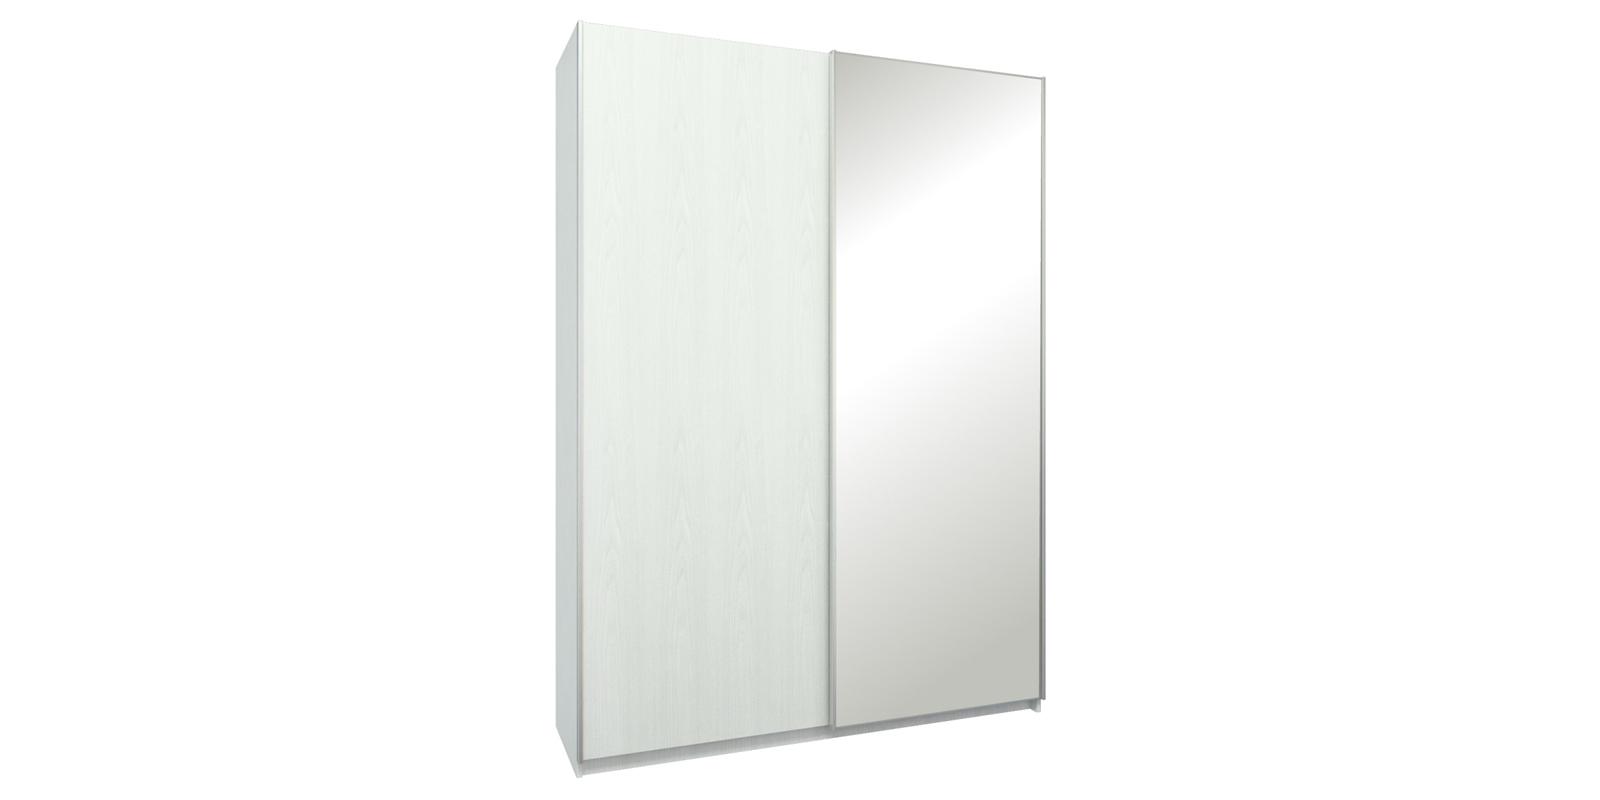 Шкаф-купе двухдверный Лофт 165 см (белый/зеркало)